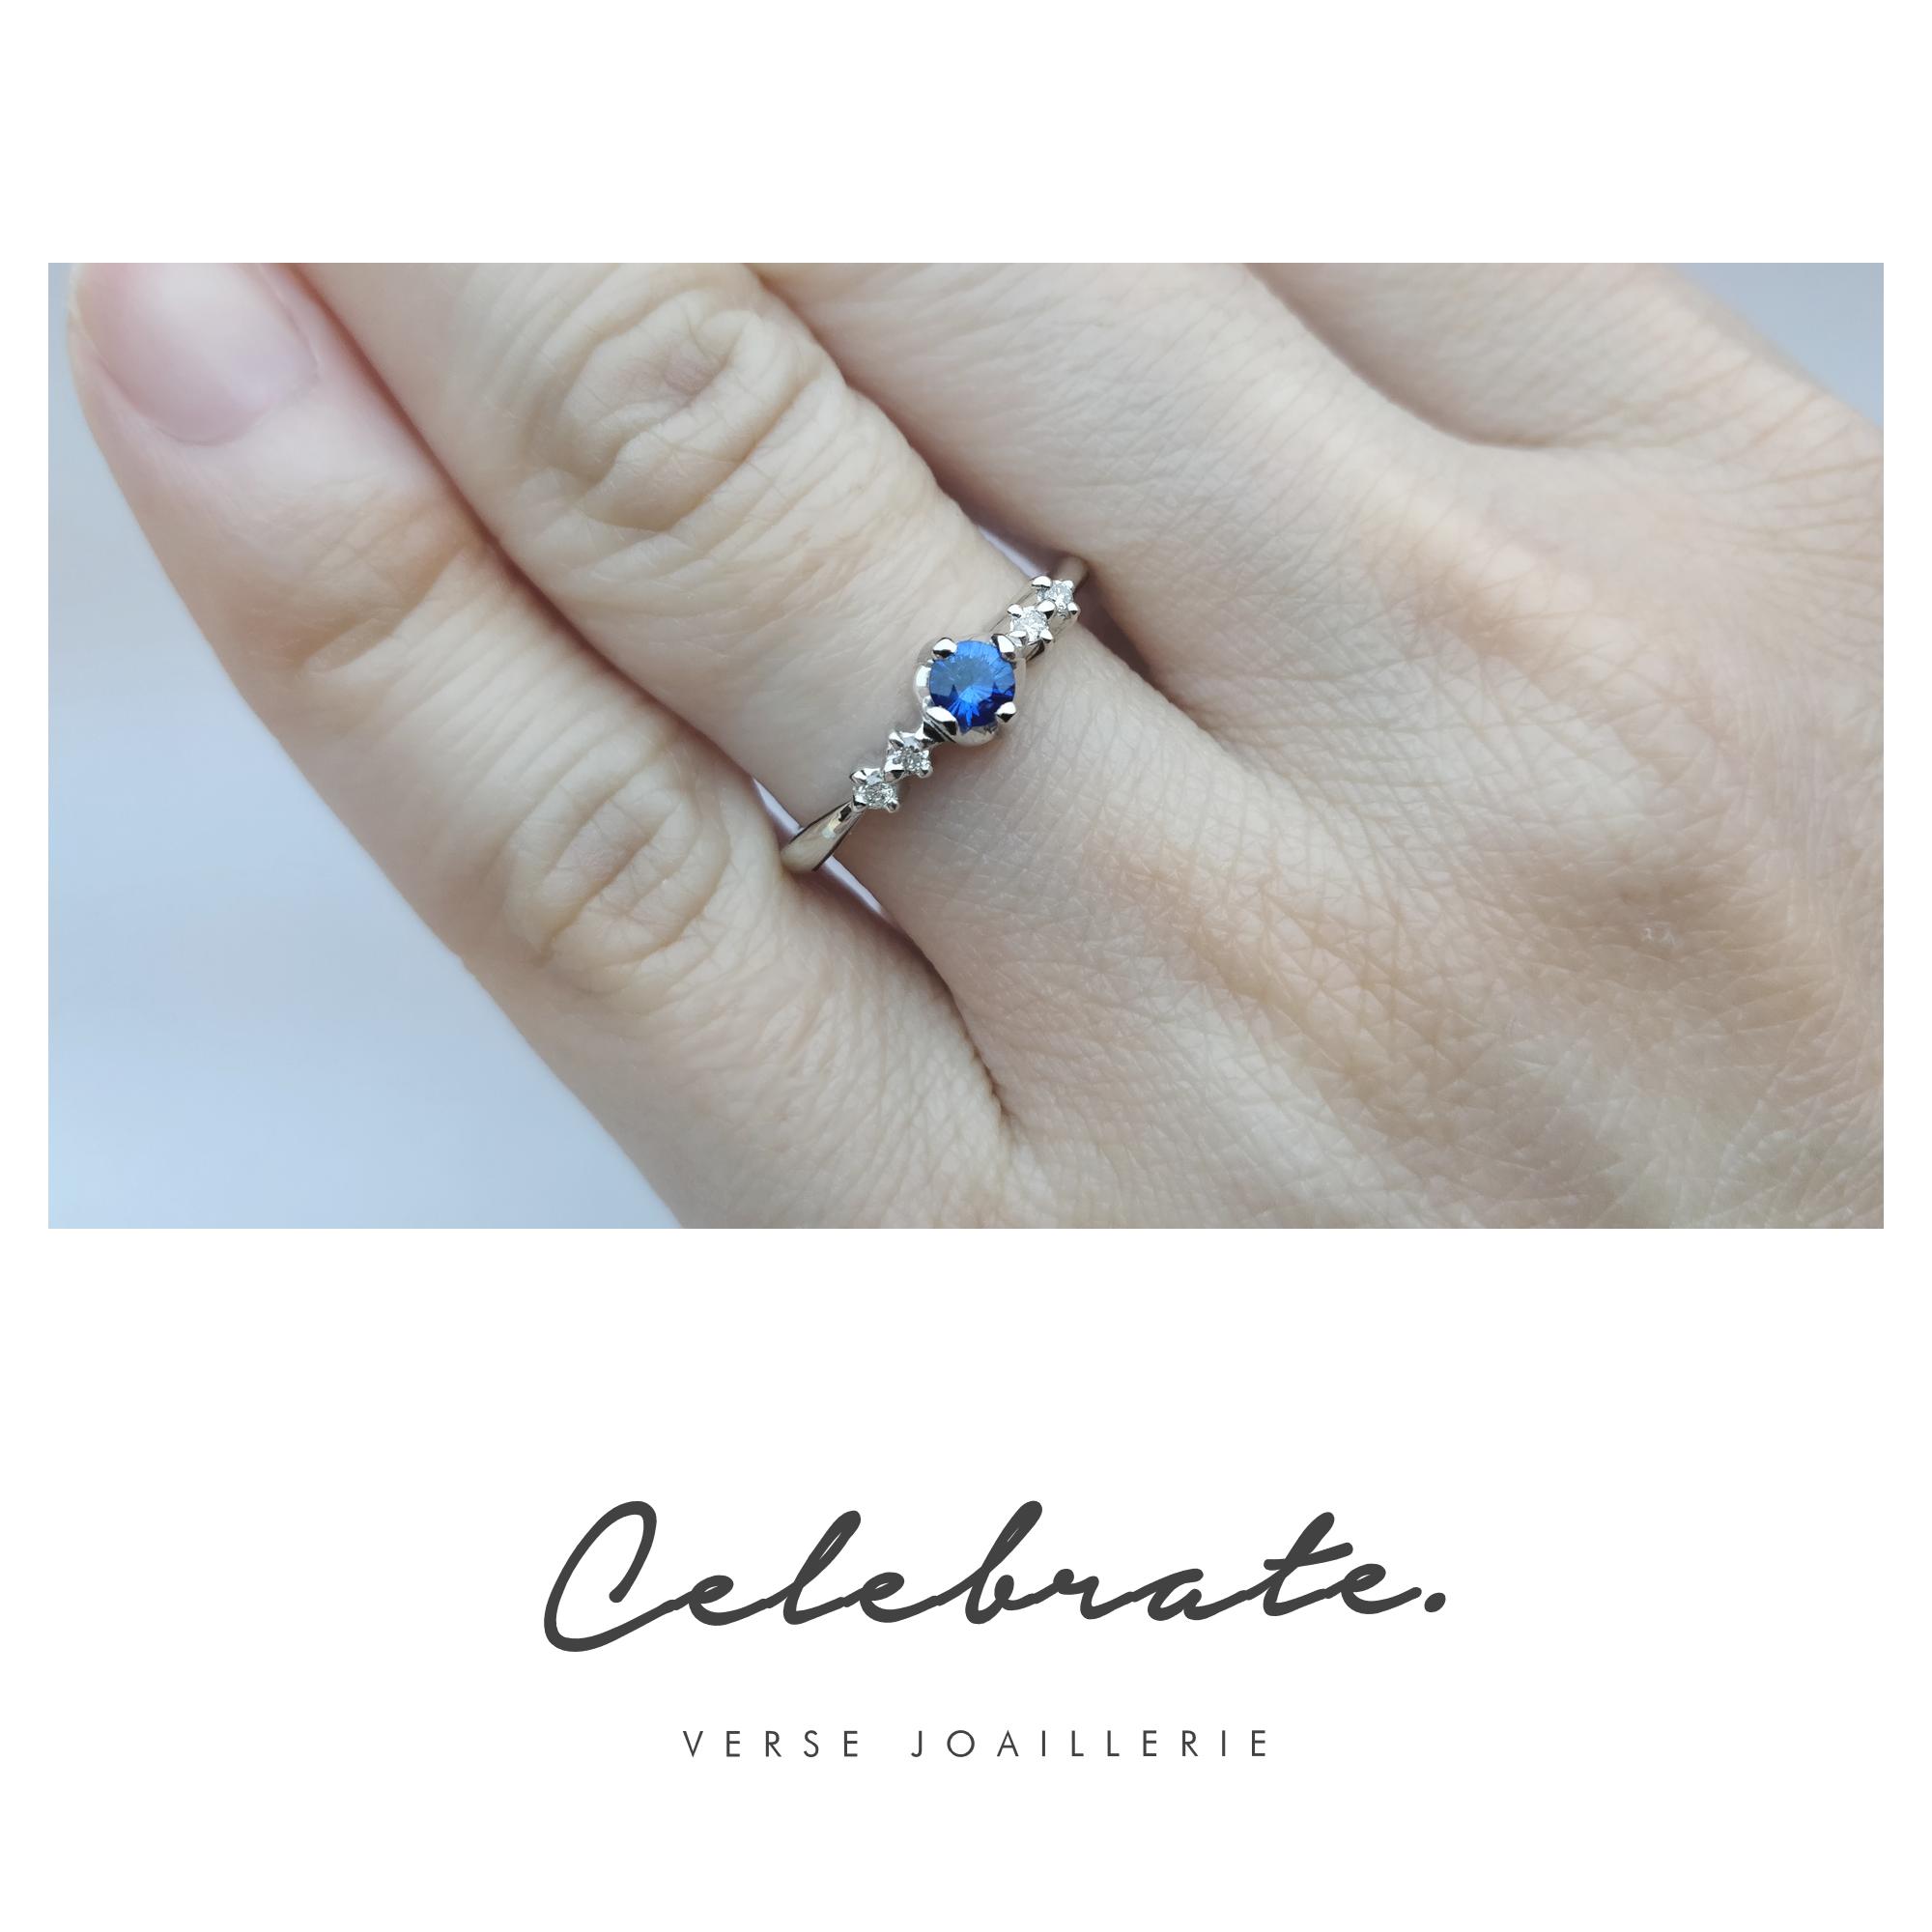 Anel Celebrate em ouro branco 18K, diamantes e safira. Descubra nossos aneis  solitários com 473ca35709